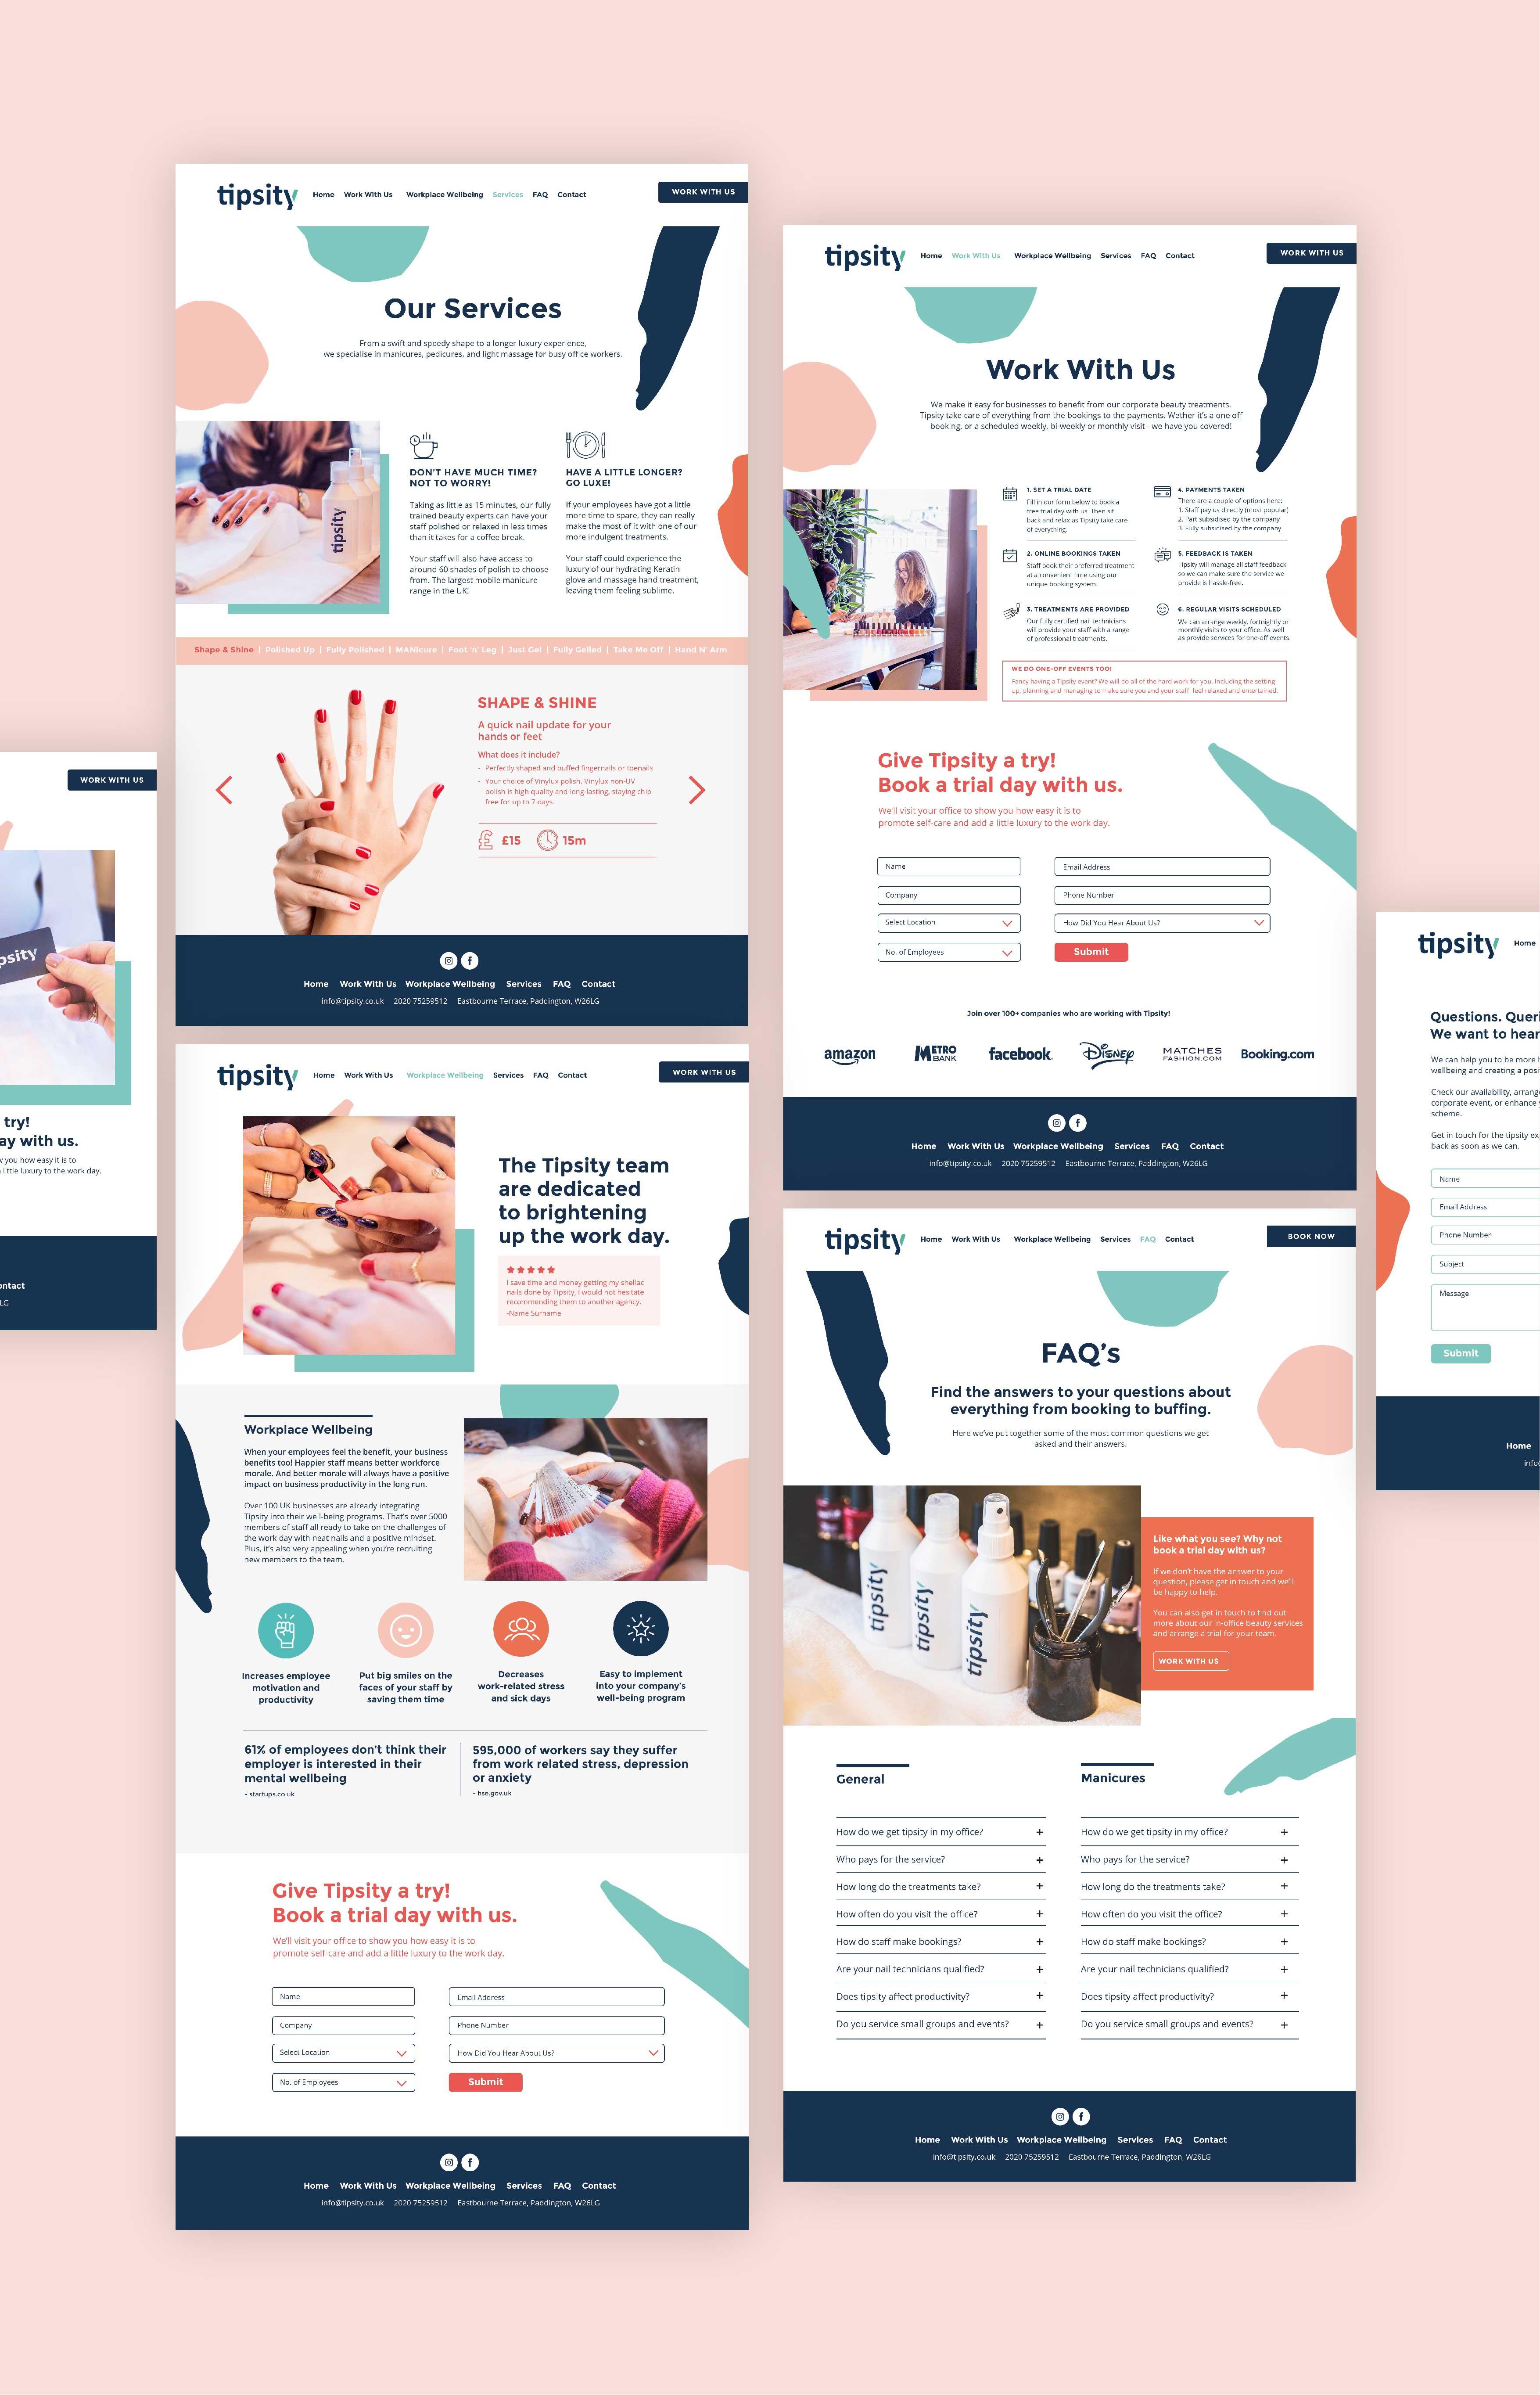 stop tipsity website design 4